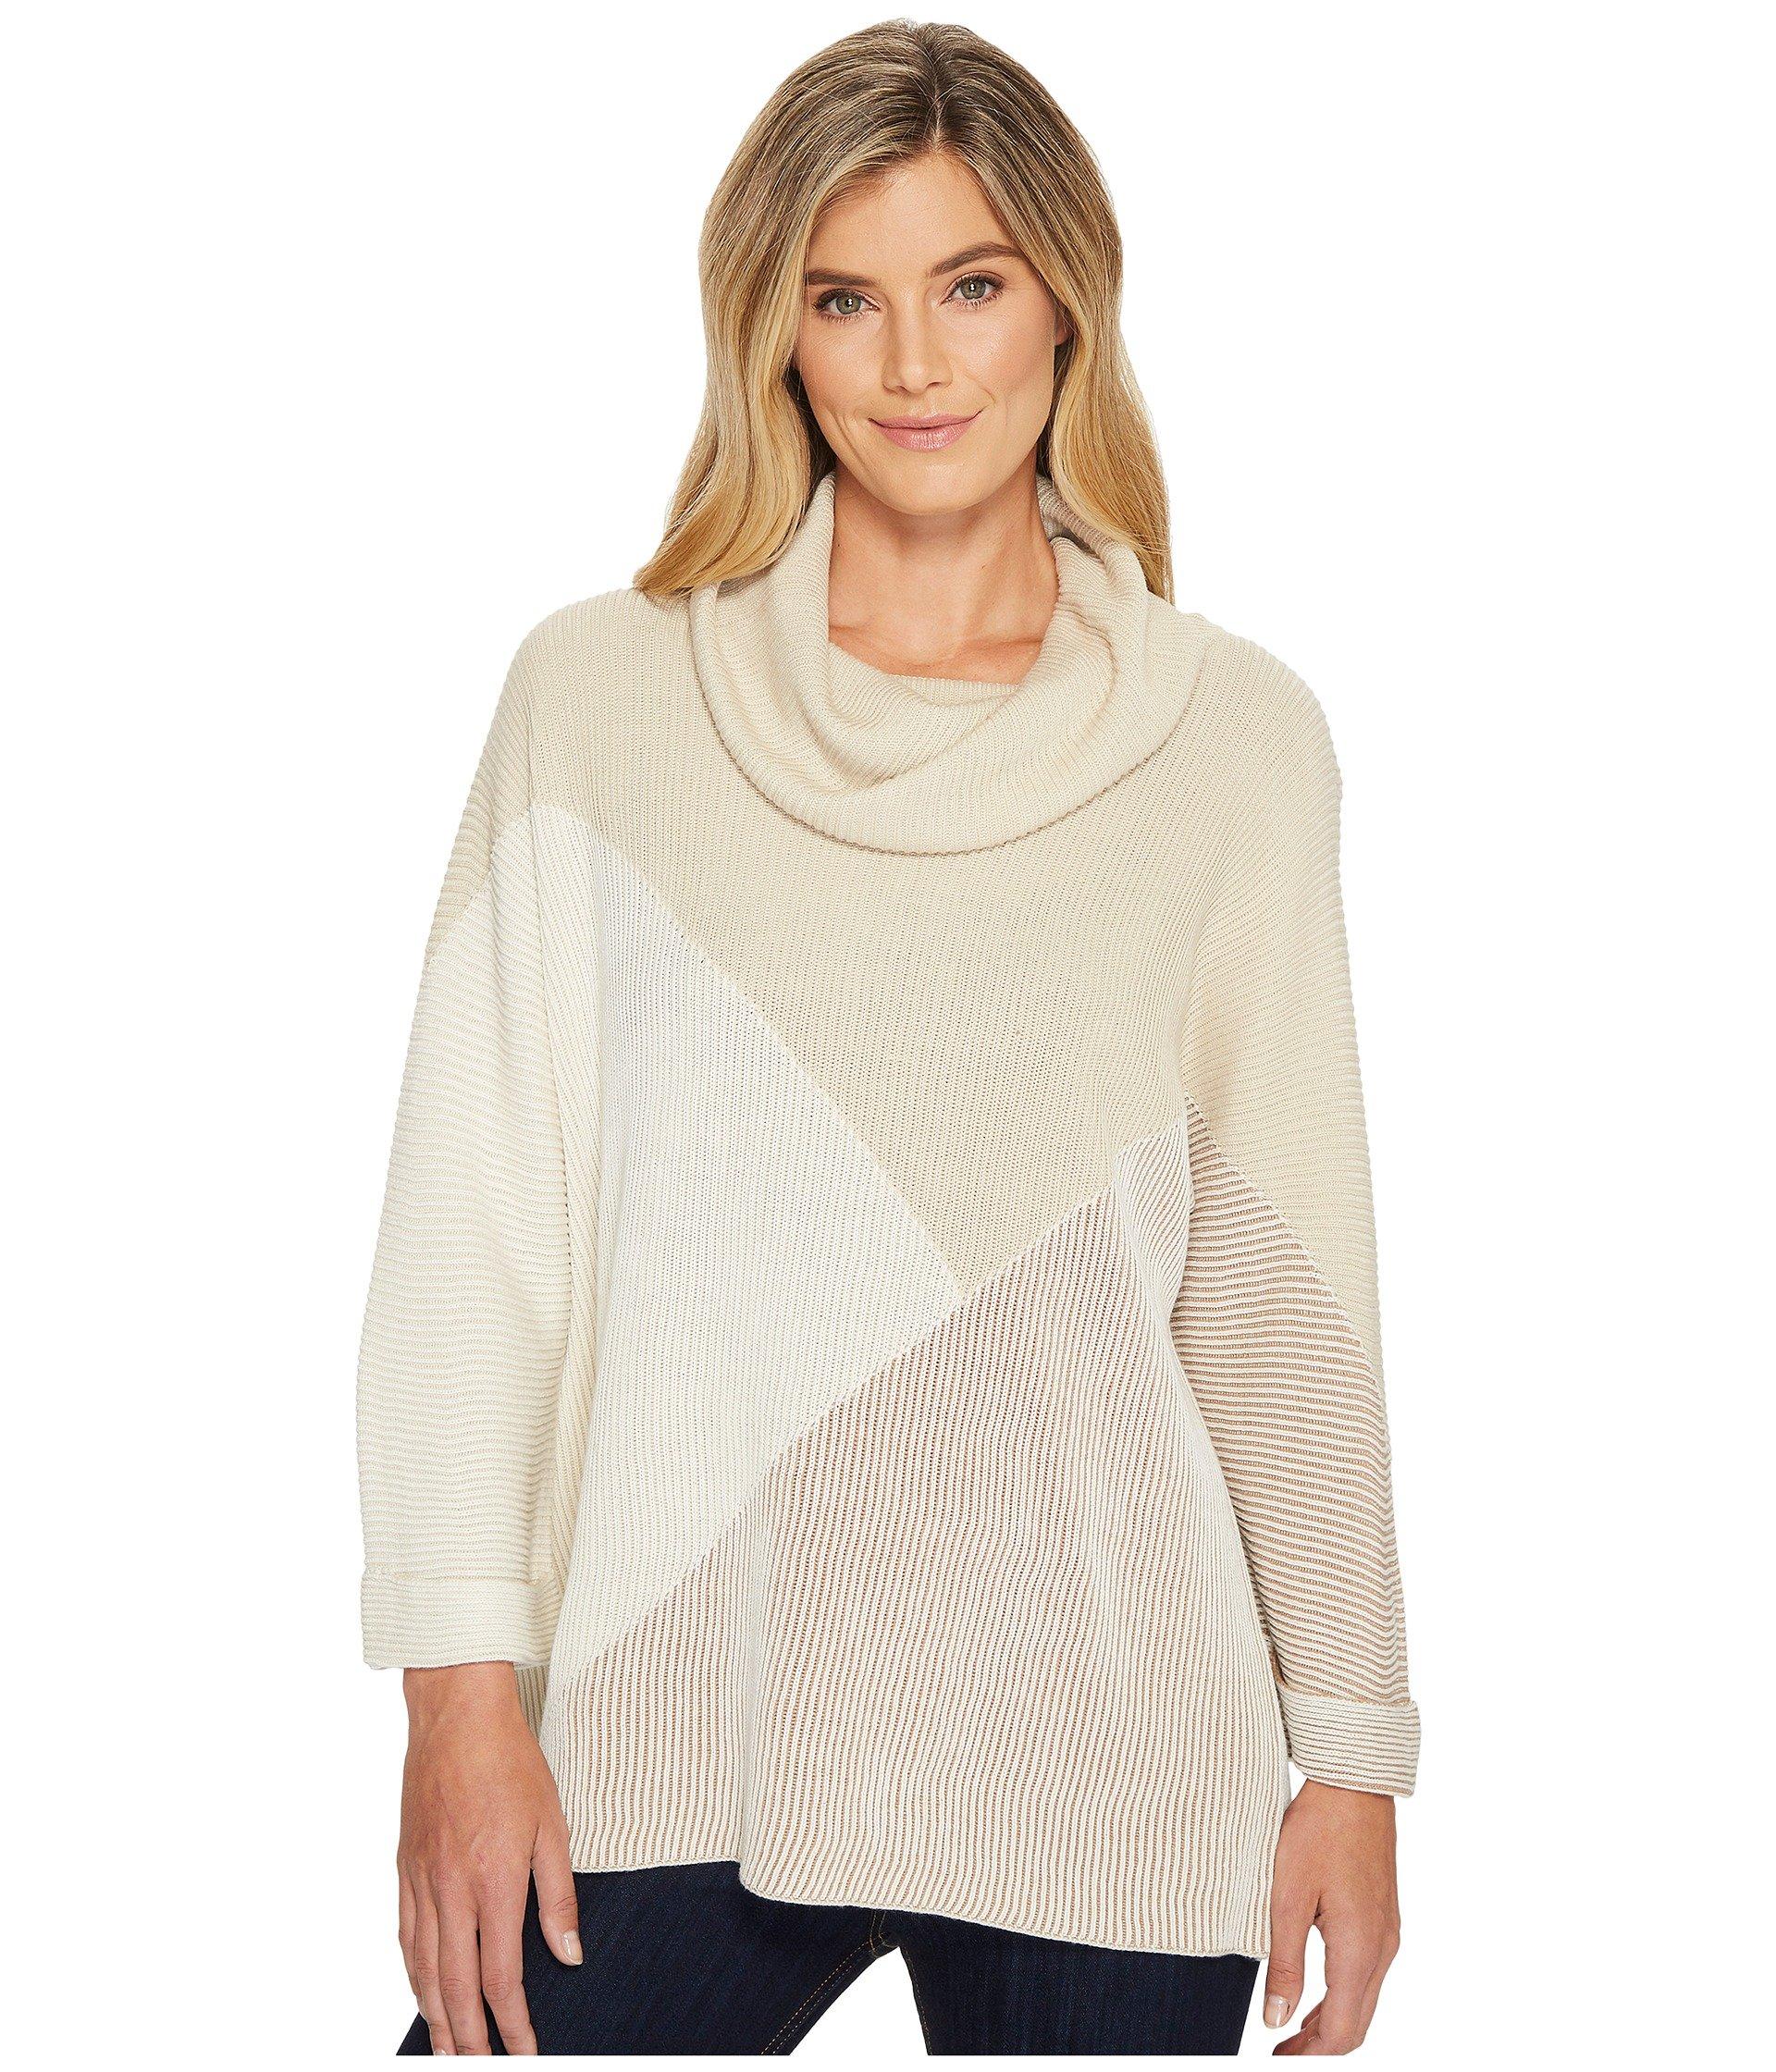 NIC+ZOE Women's Linear Cozy Top, Multi, XL